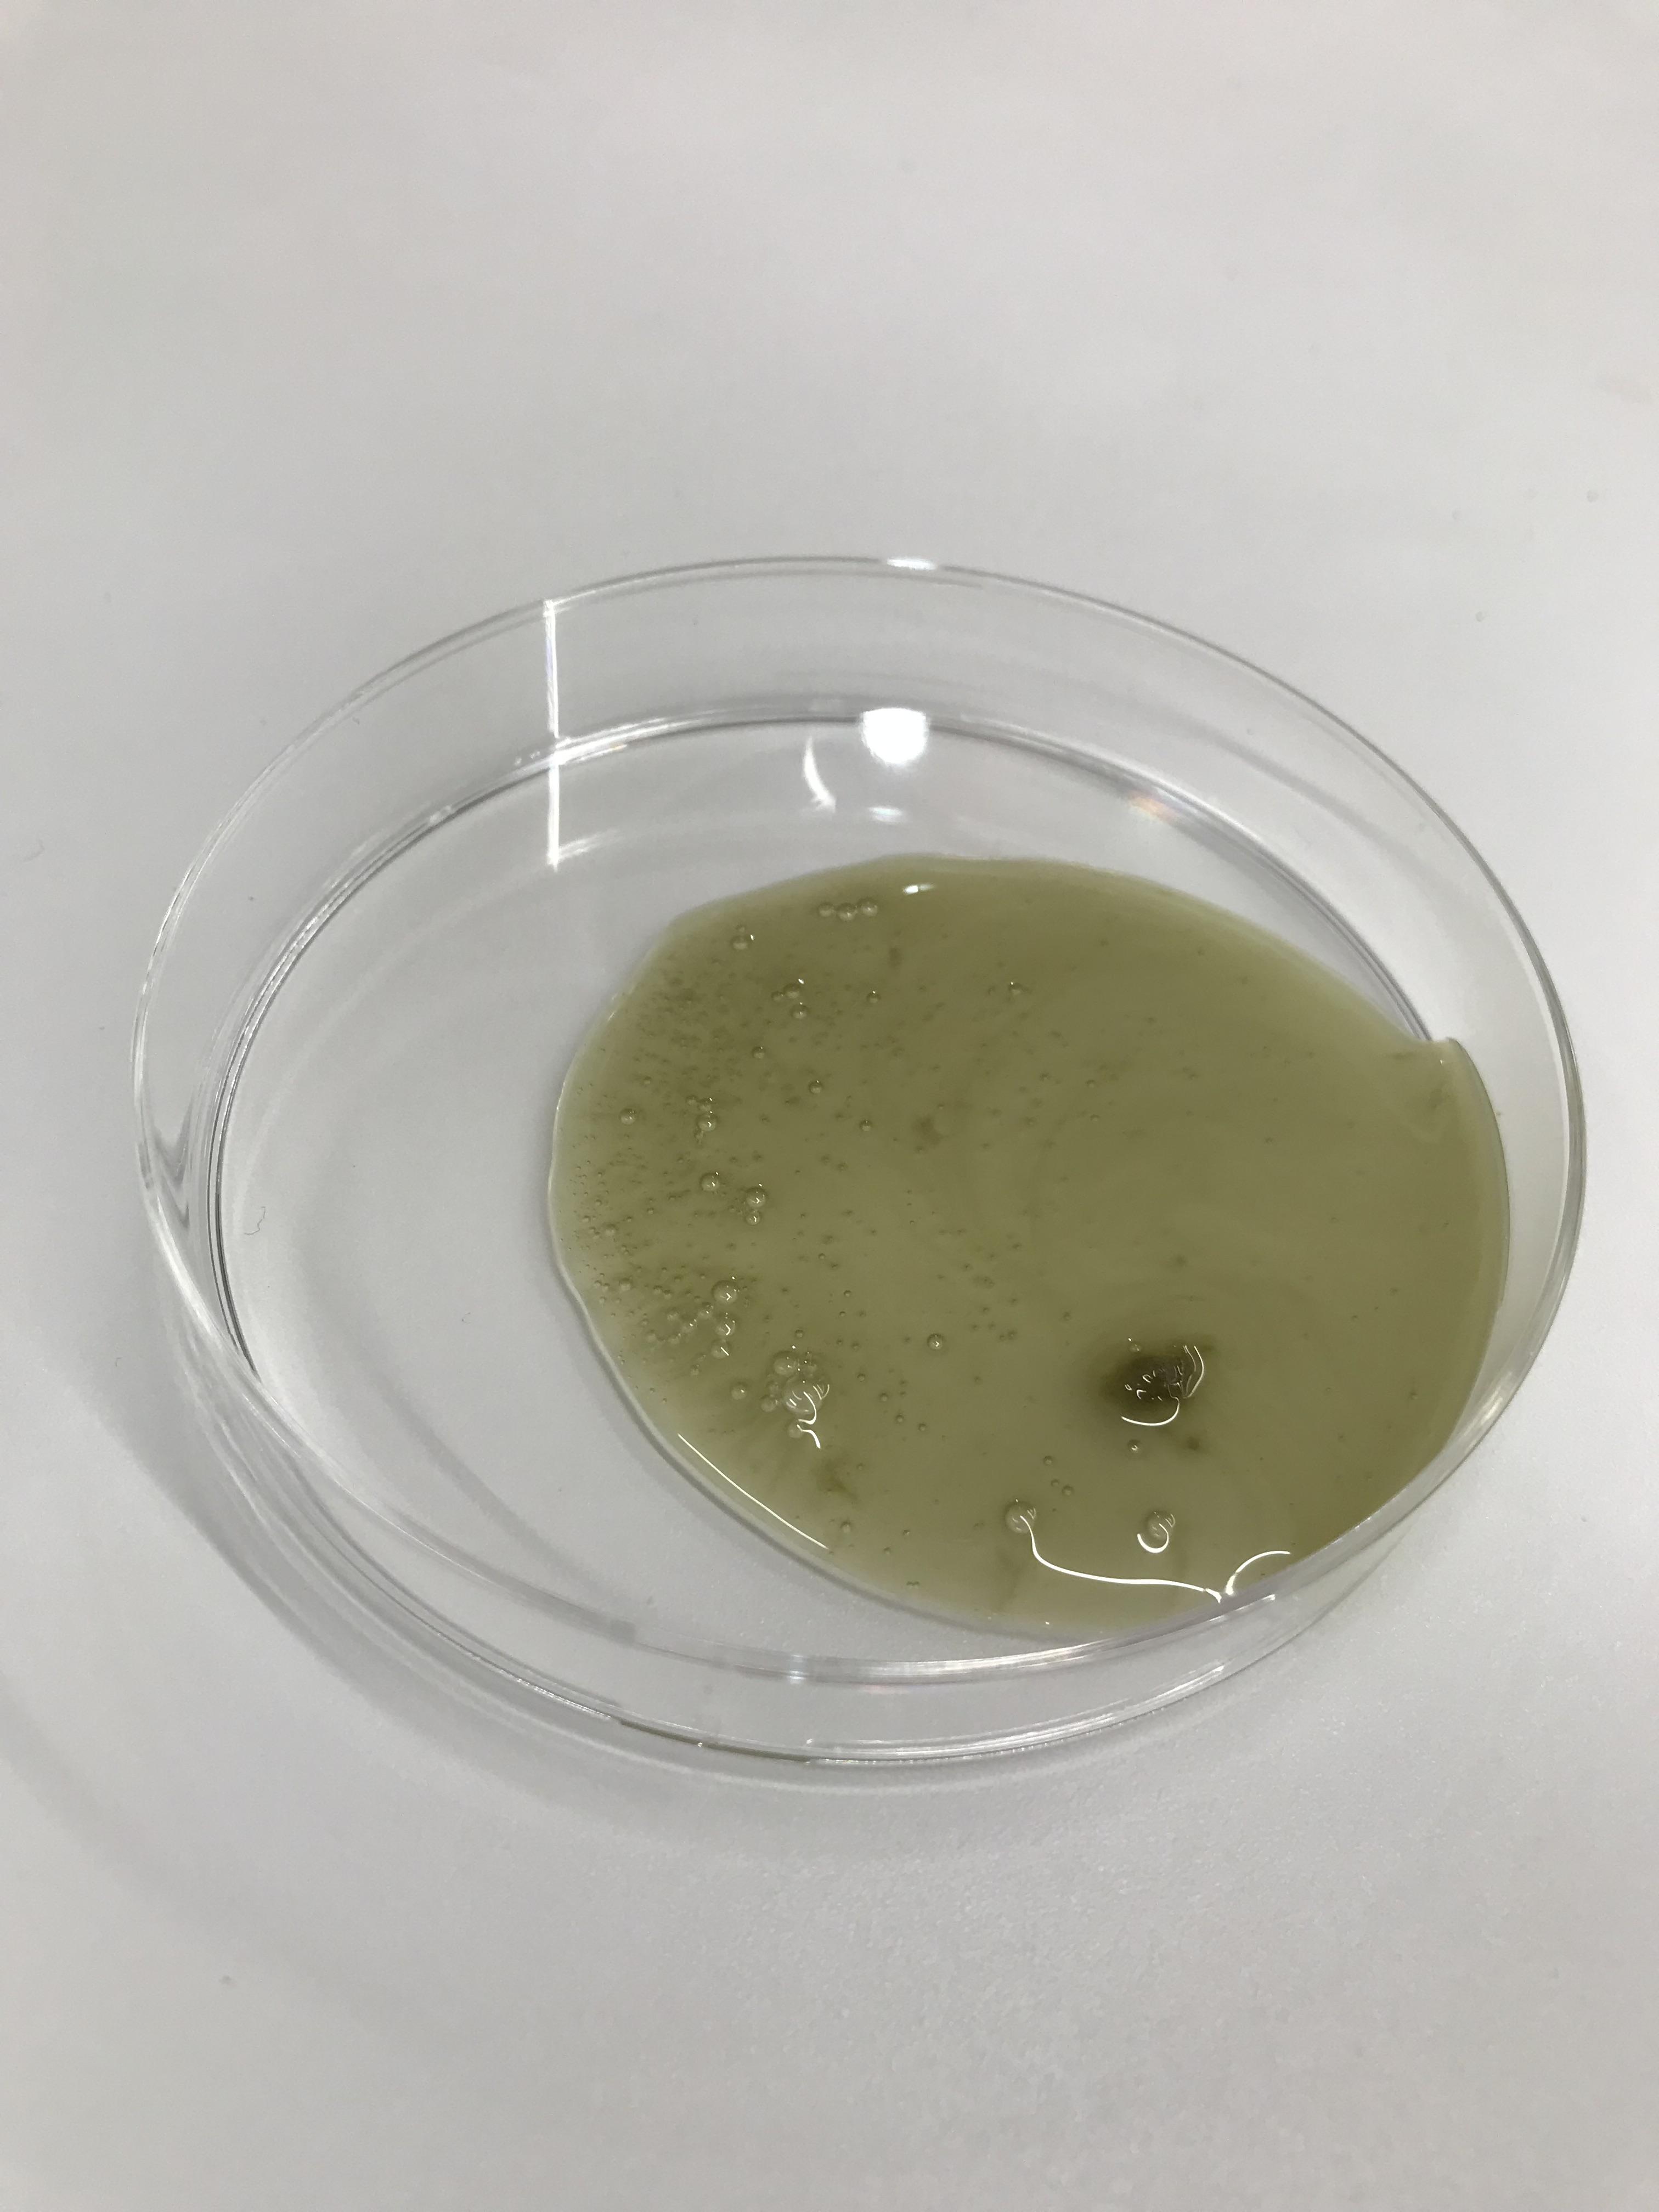 モンゴ流シャンプーEXvol.8のシャンプー液